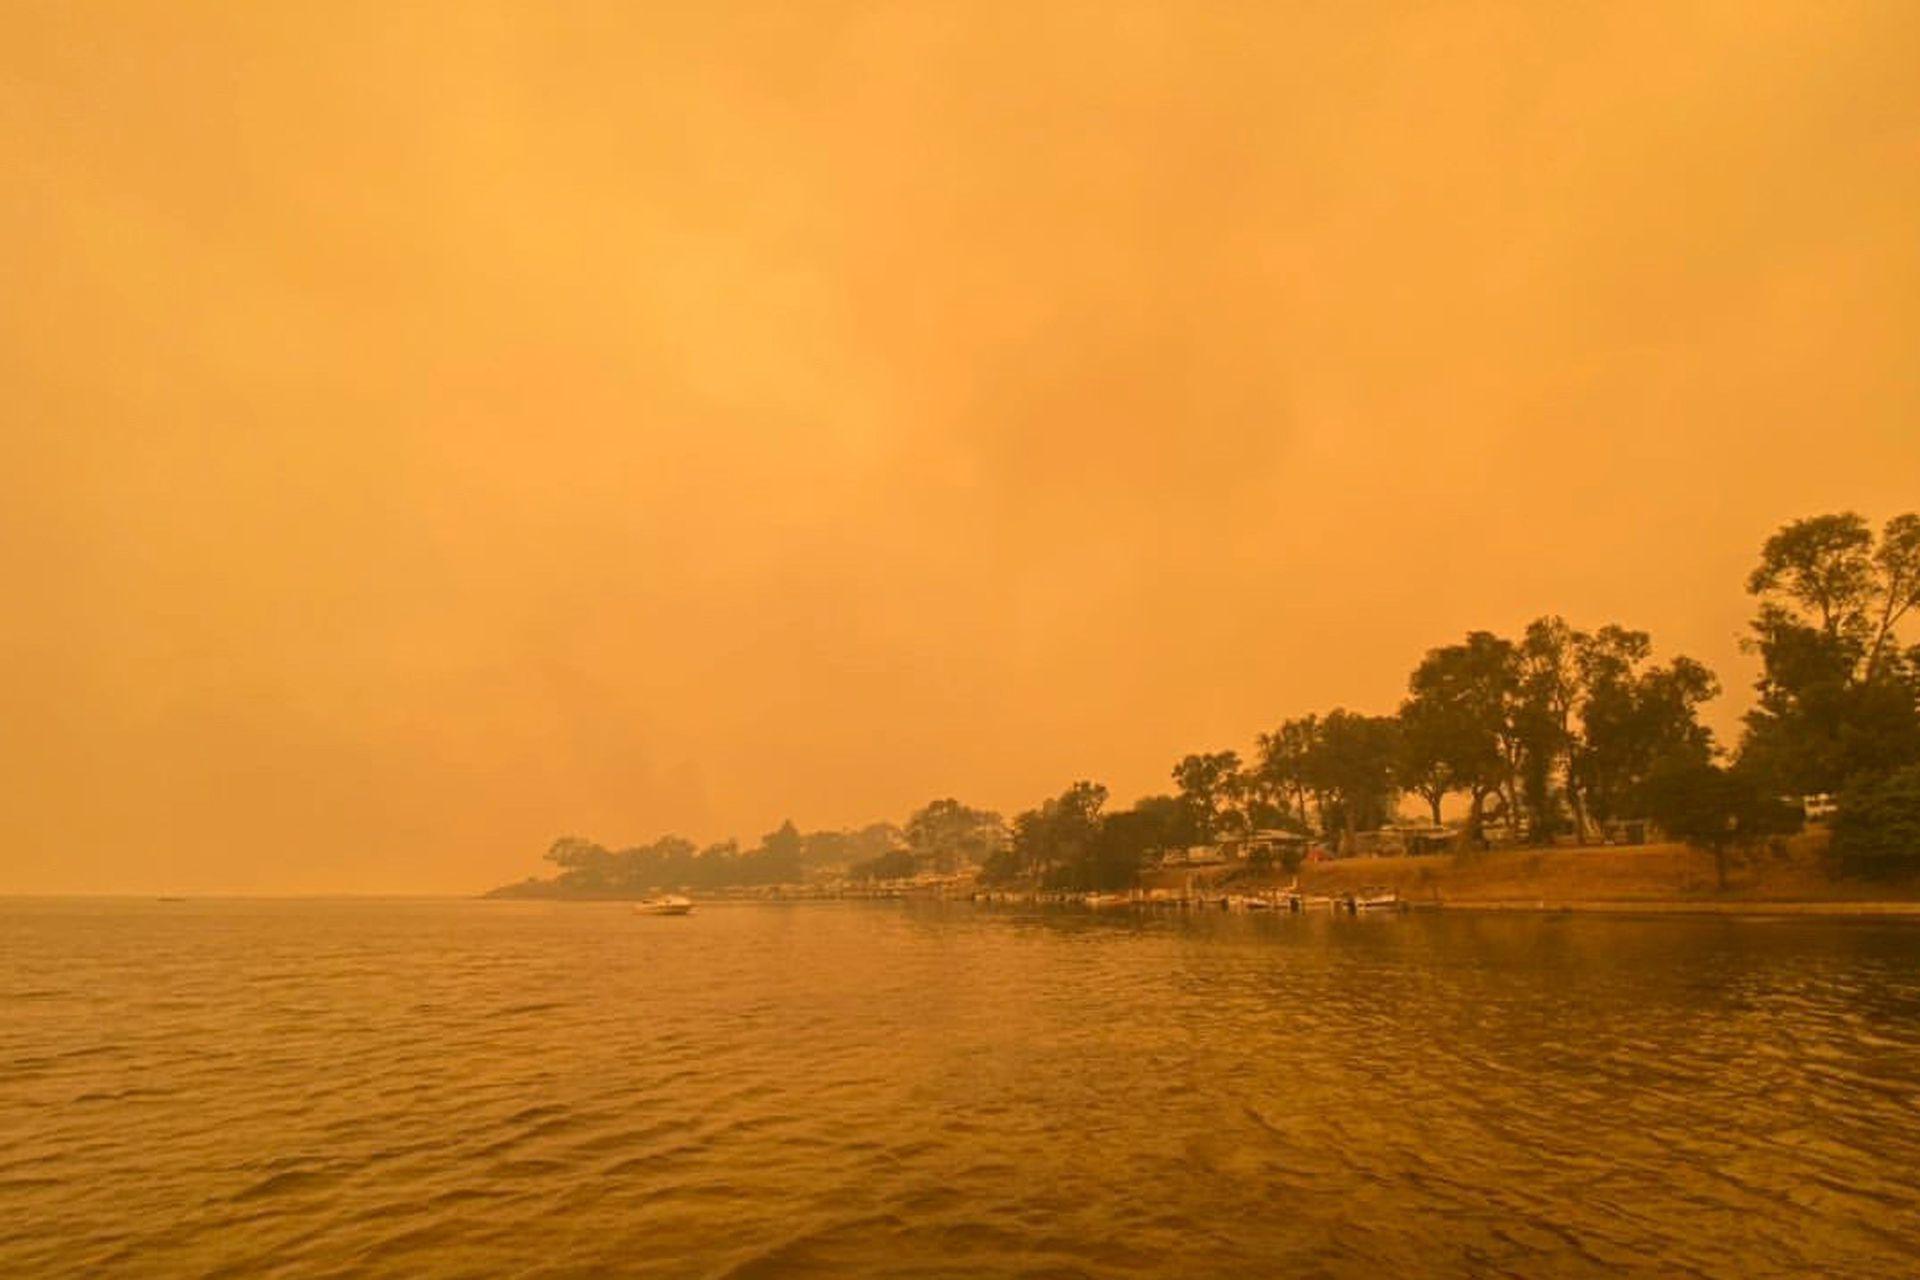 El humo de los incendios forestales salvajes envuelve el cielo en Mallacoota, Victoria, Australia, el 31 de diciembre de 2019. Las informaciones de varias zonas turísticas dan cuenta de miles de turistas y lugareños que pasaron la Nochevieja a orillas del mar, acorralados por las llamas.